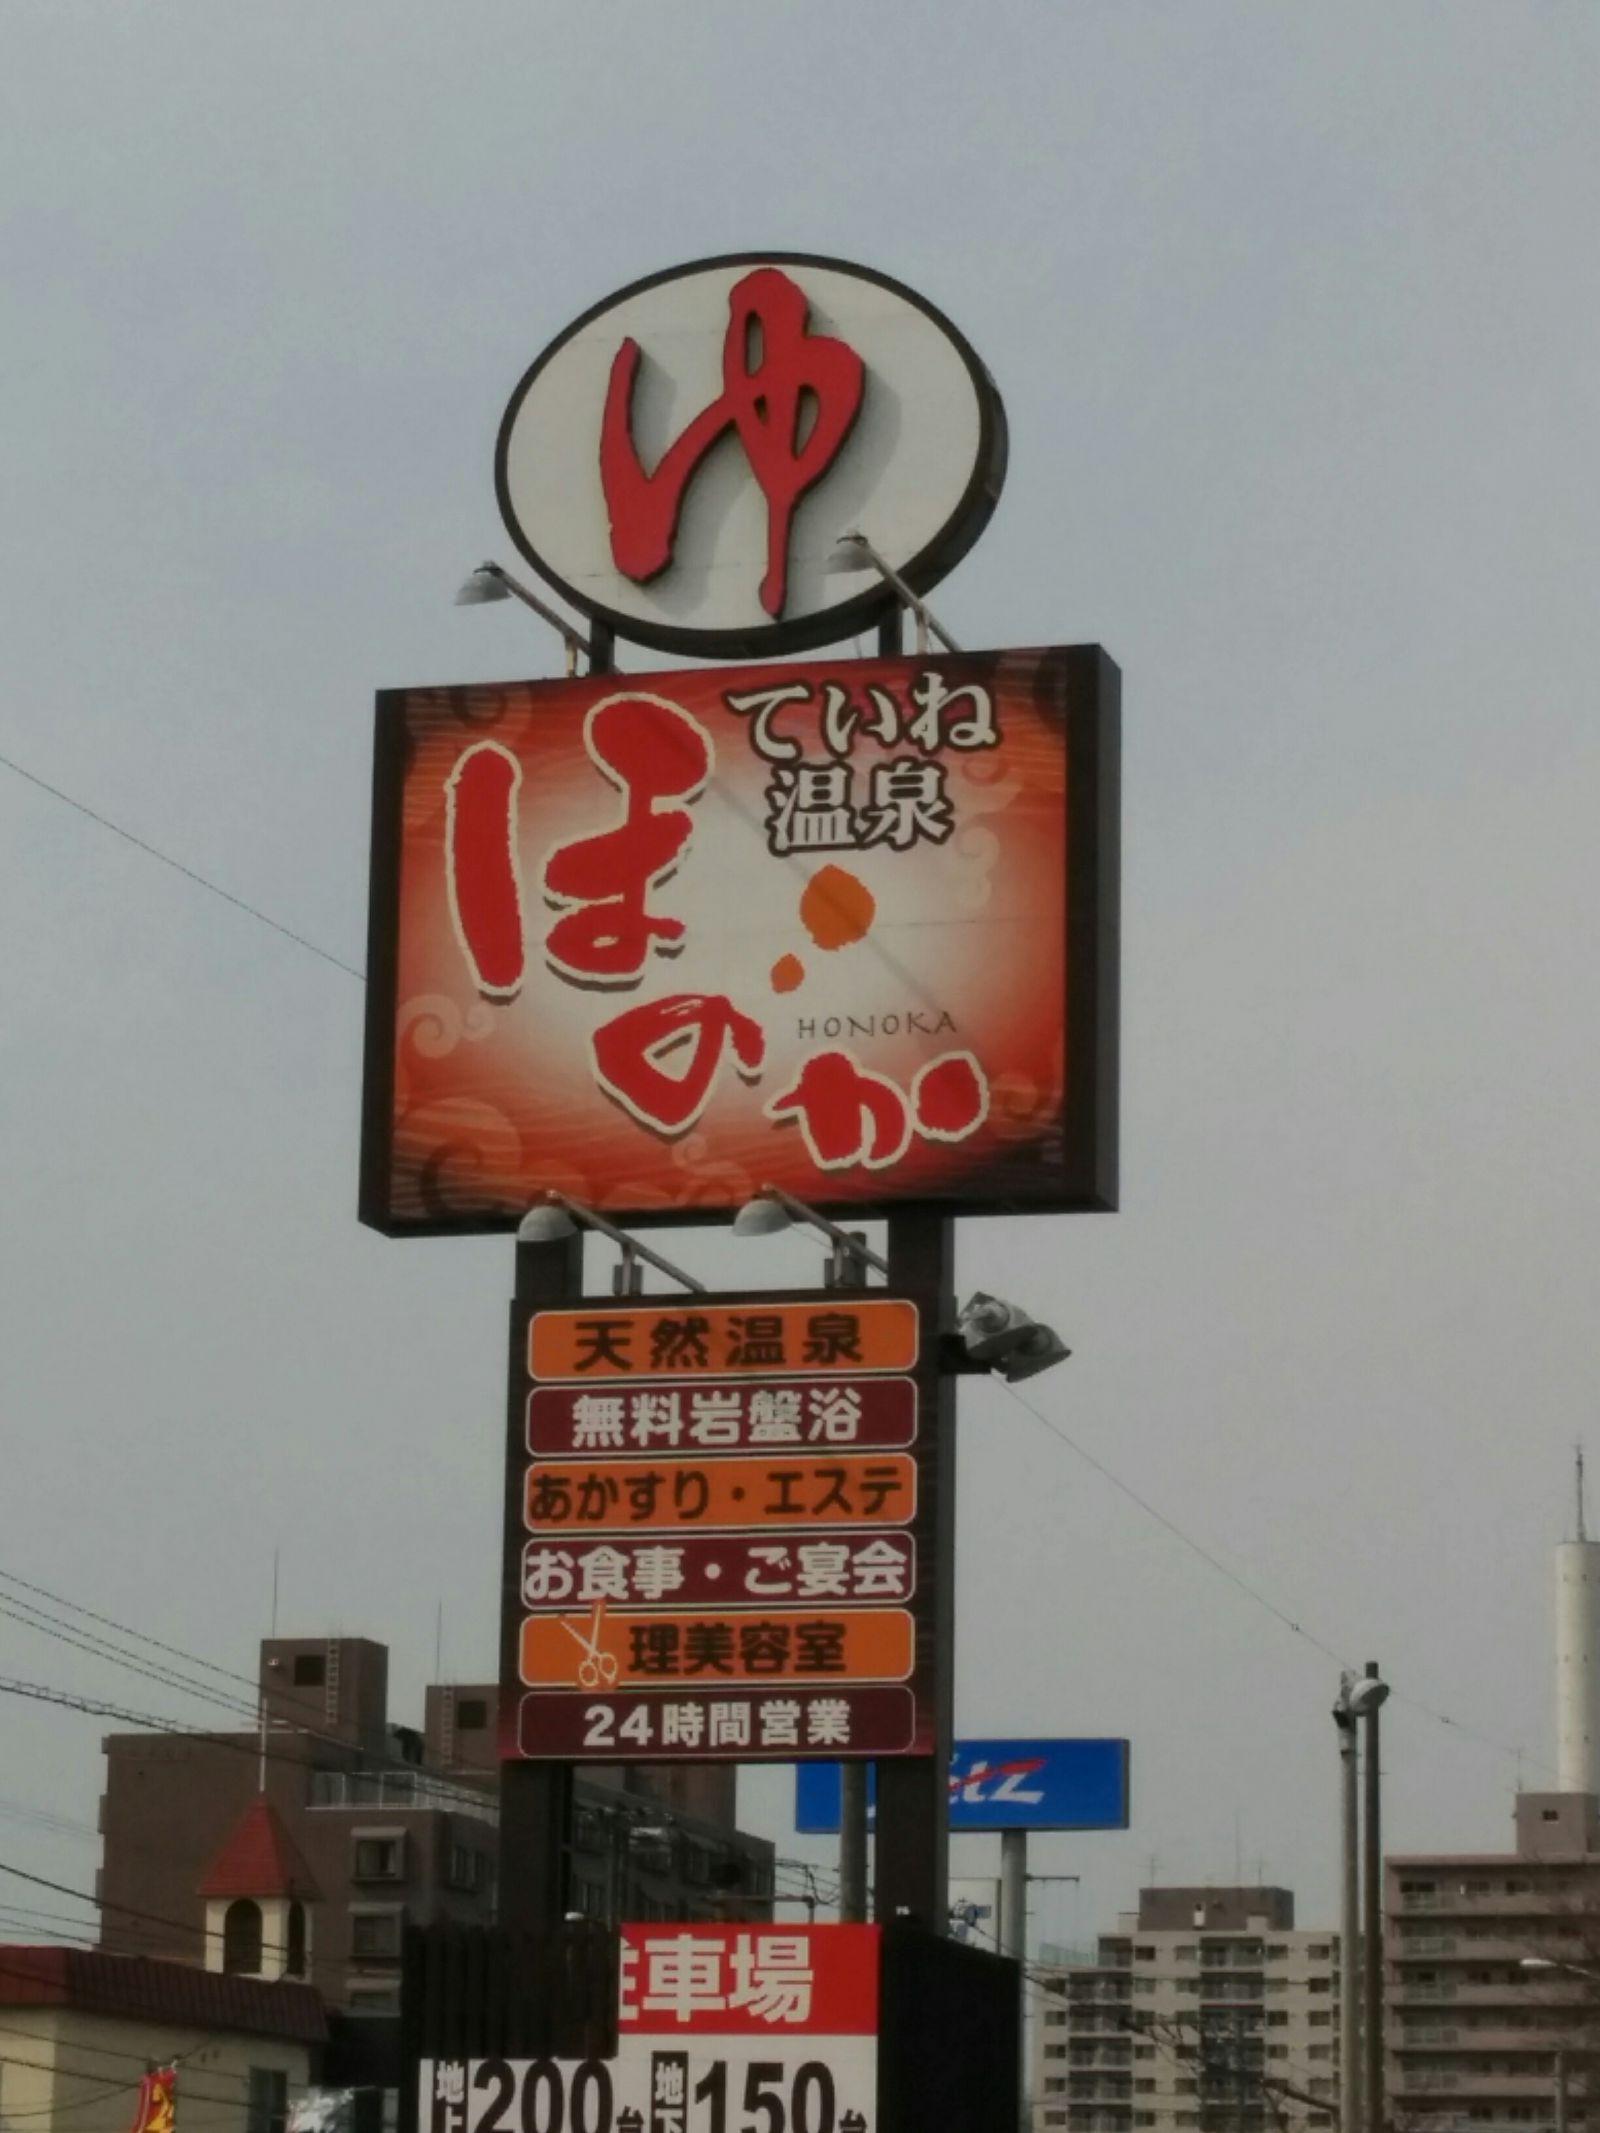 【札幌】早春の手稲温泉ほのか観光案内